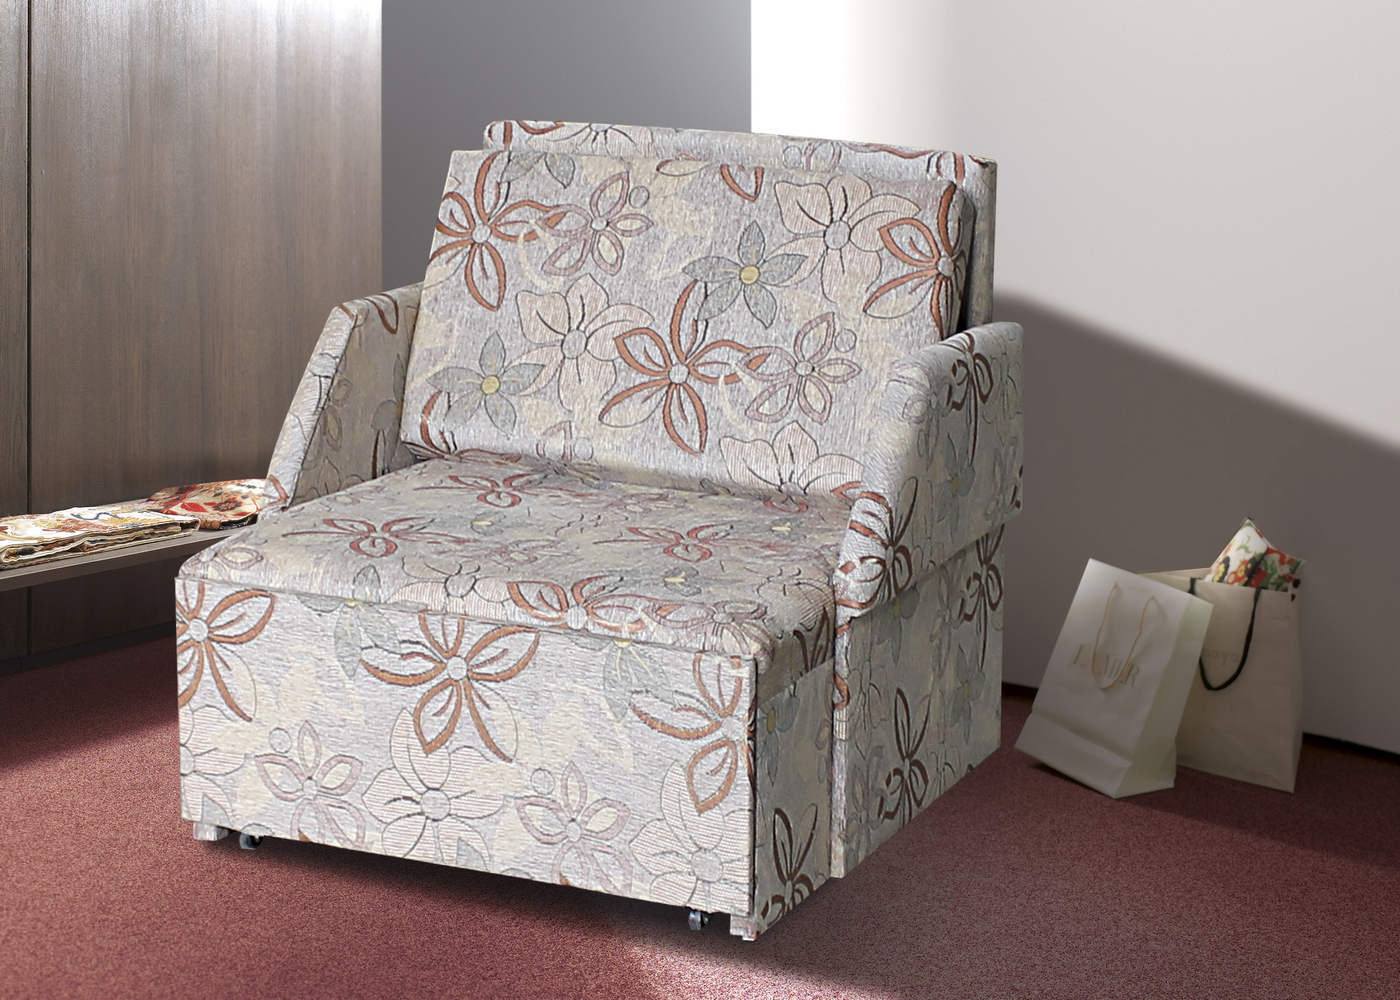 kika kanapé ágy ~ karos fotelÁgy  bÚtor, robi bútor nagykereskedés